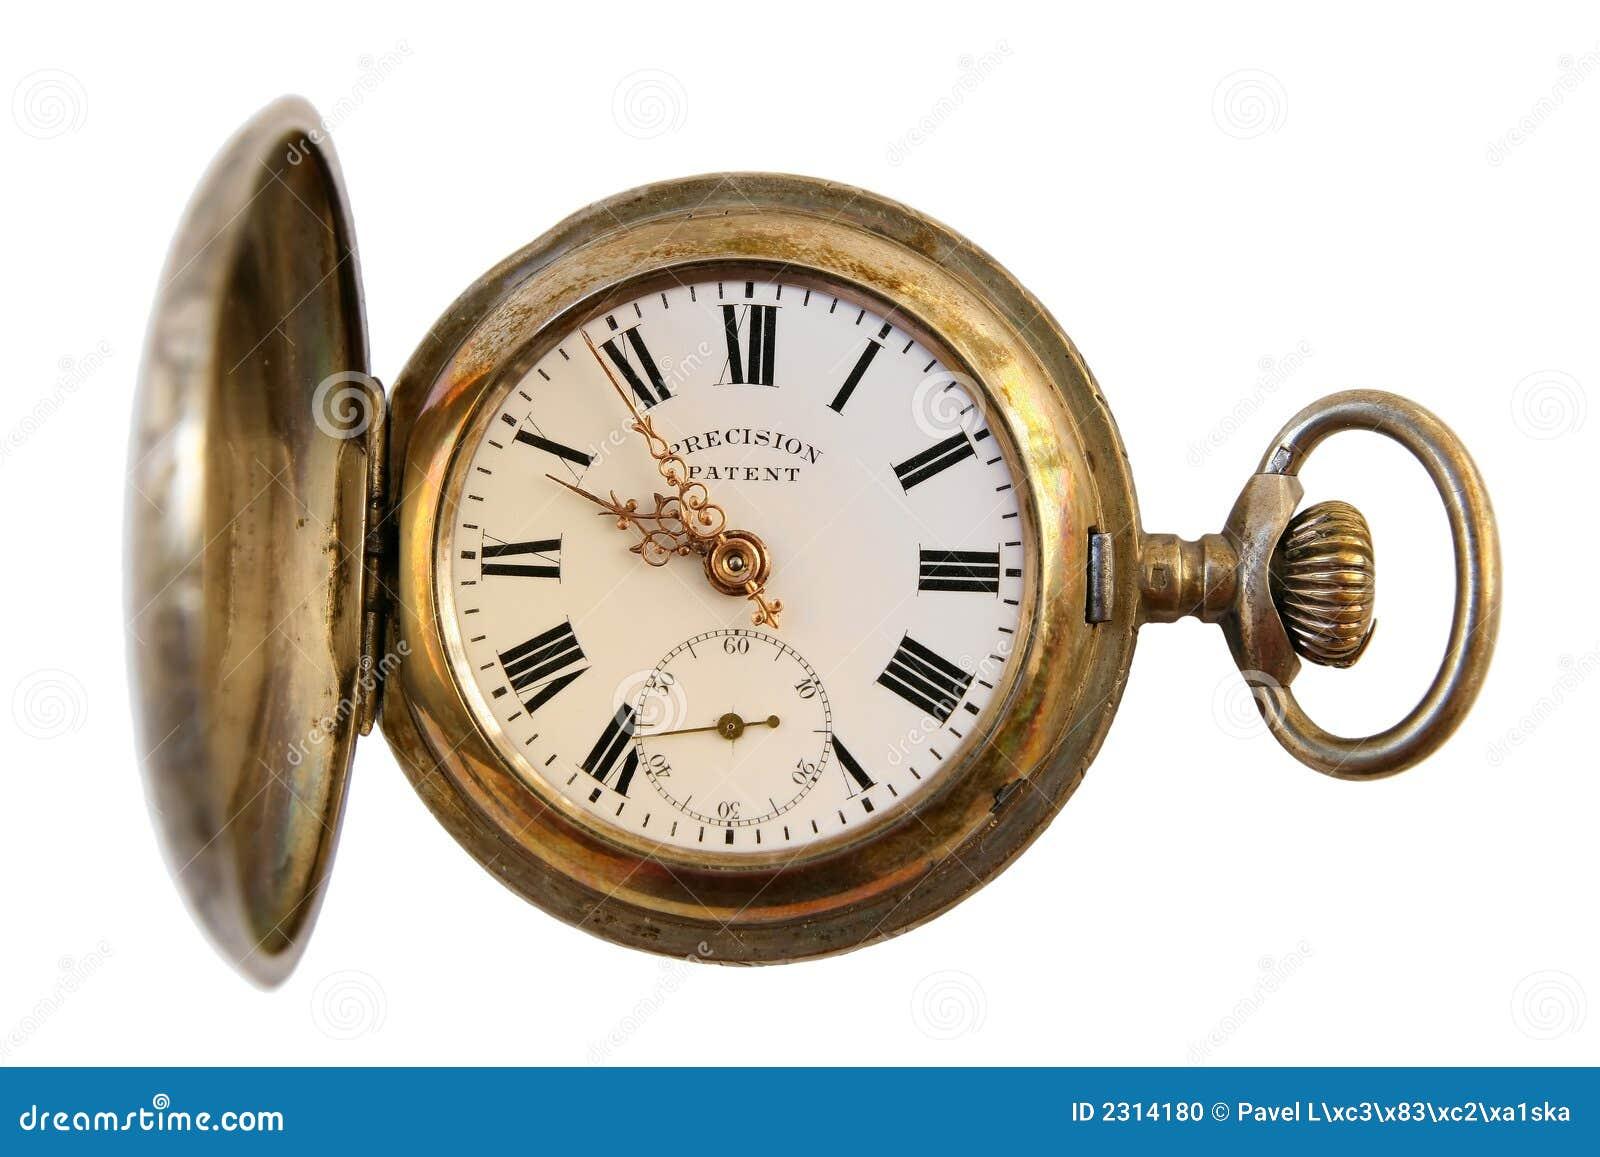 alte uhr stockfoto bild von minuten timepiece stunden 2314180. Black Bedroom Furniture Sets. Home Design Ideas